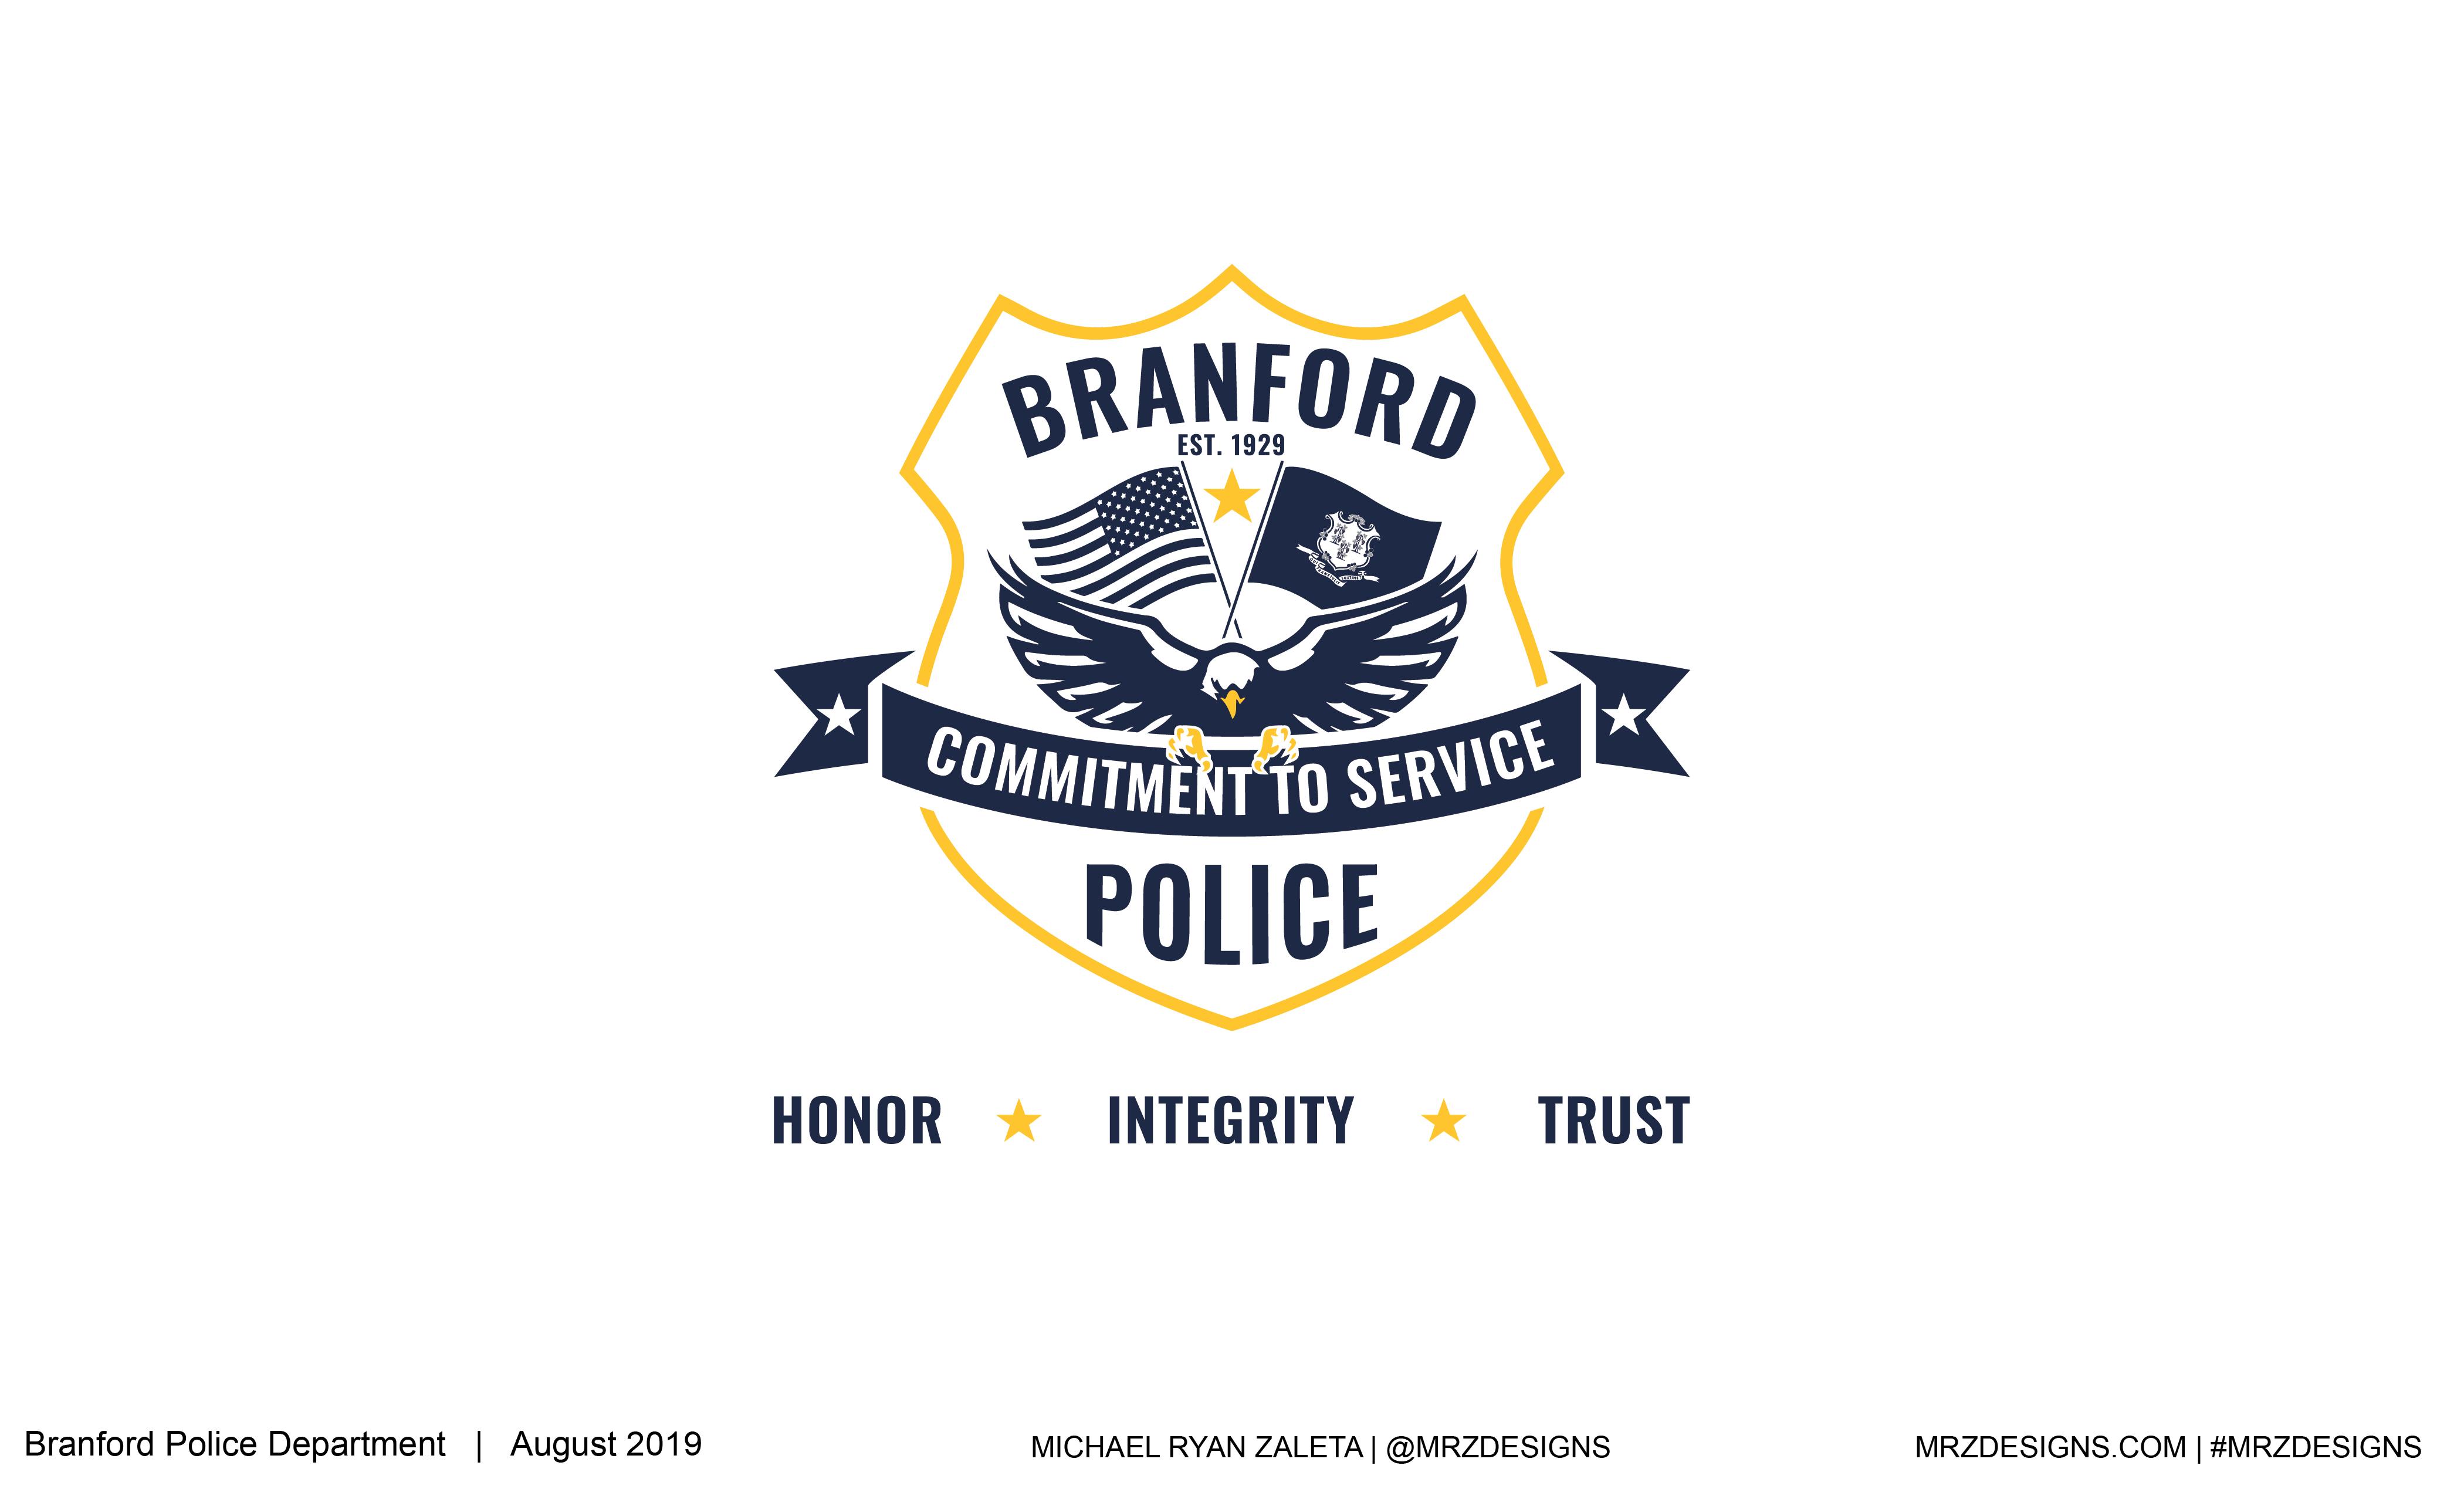 Branford Police Logo Design